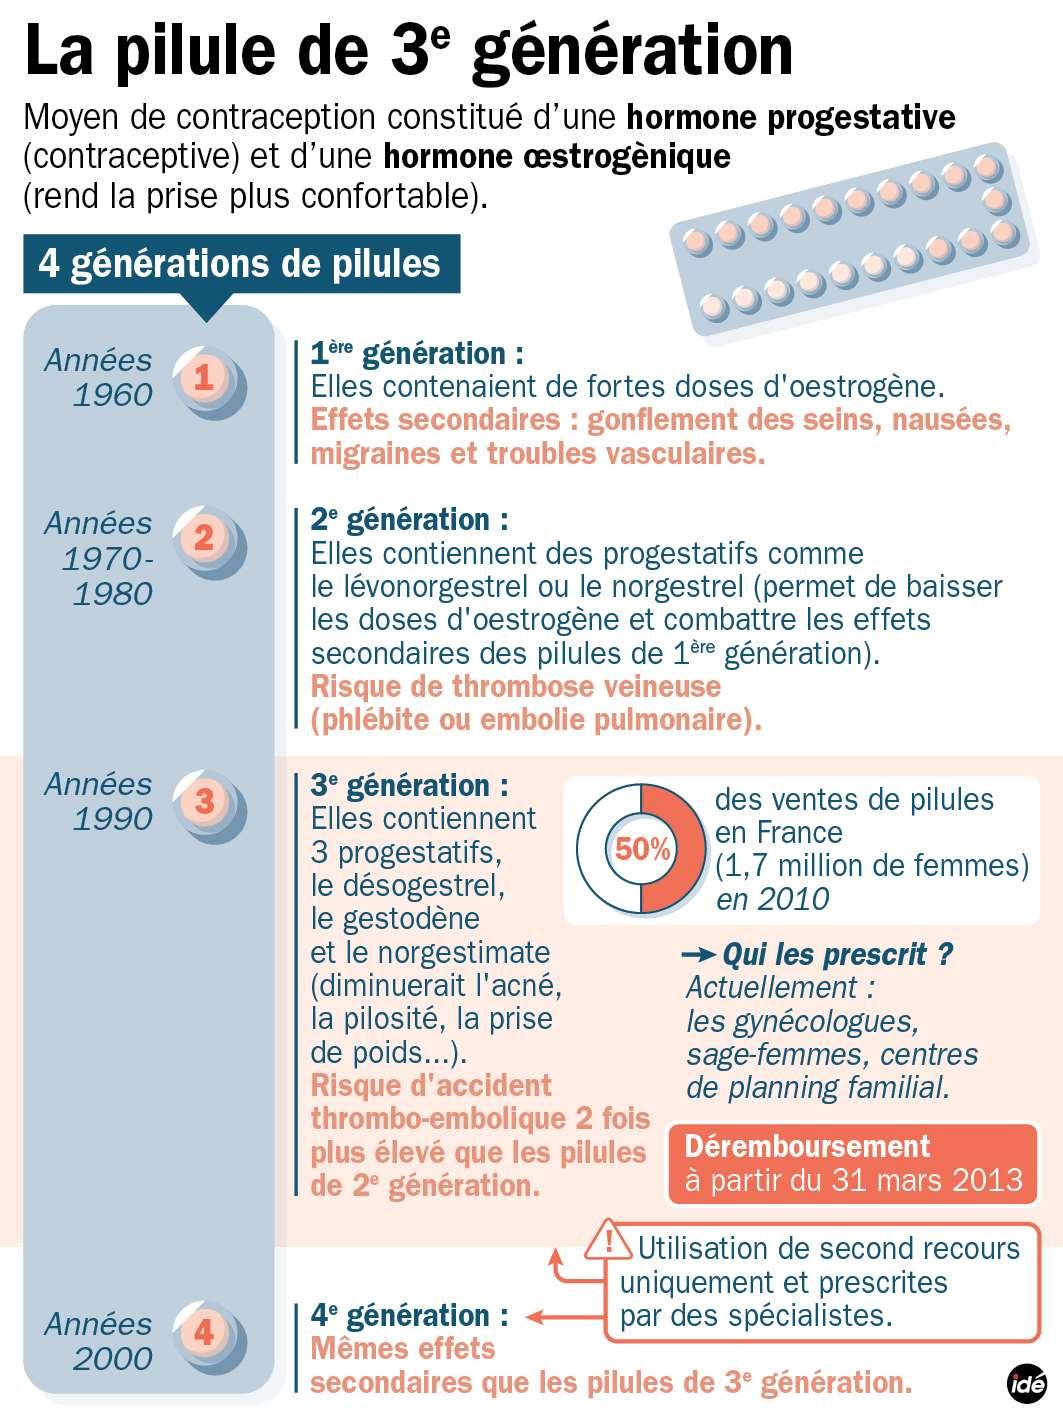 Différentes générations de pilules sont commercialisées en France aujourd'hui. Le terme de génération fait référence à l'évolution de leur composition en œstrogènes et progestatifs. © Idé